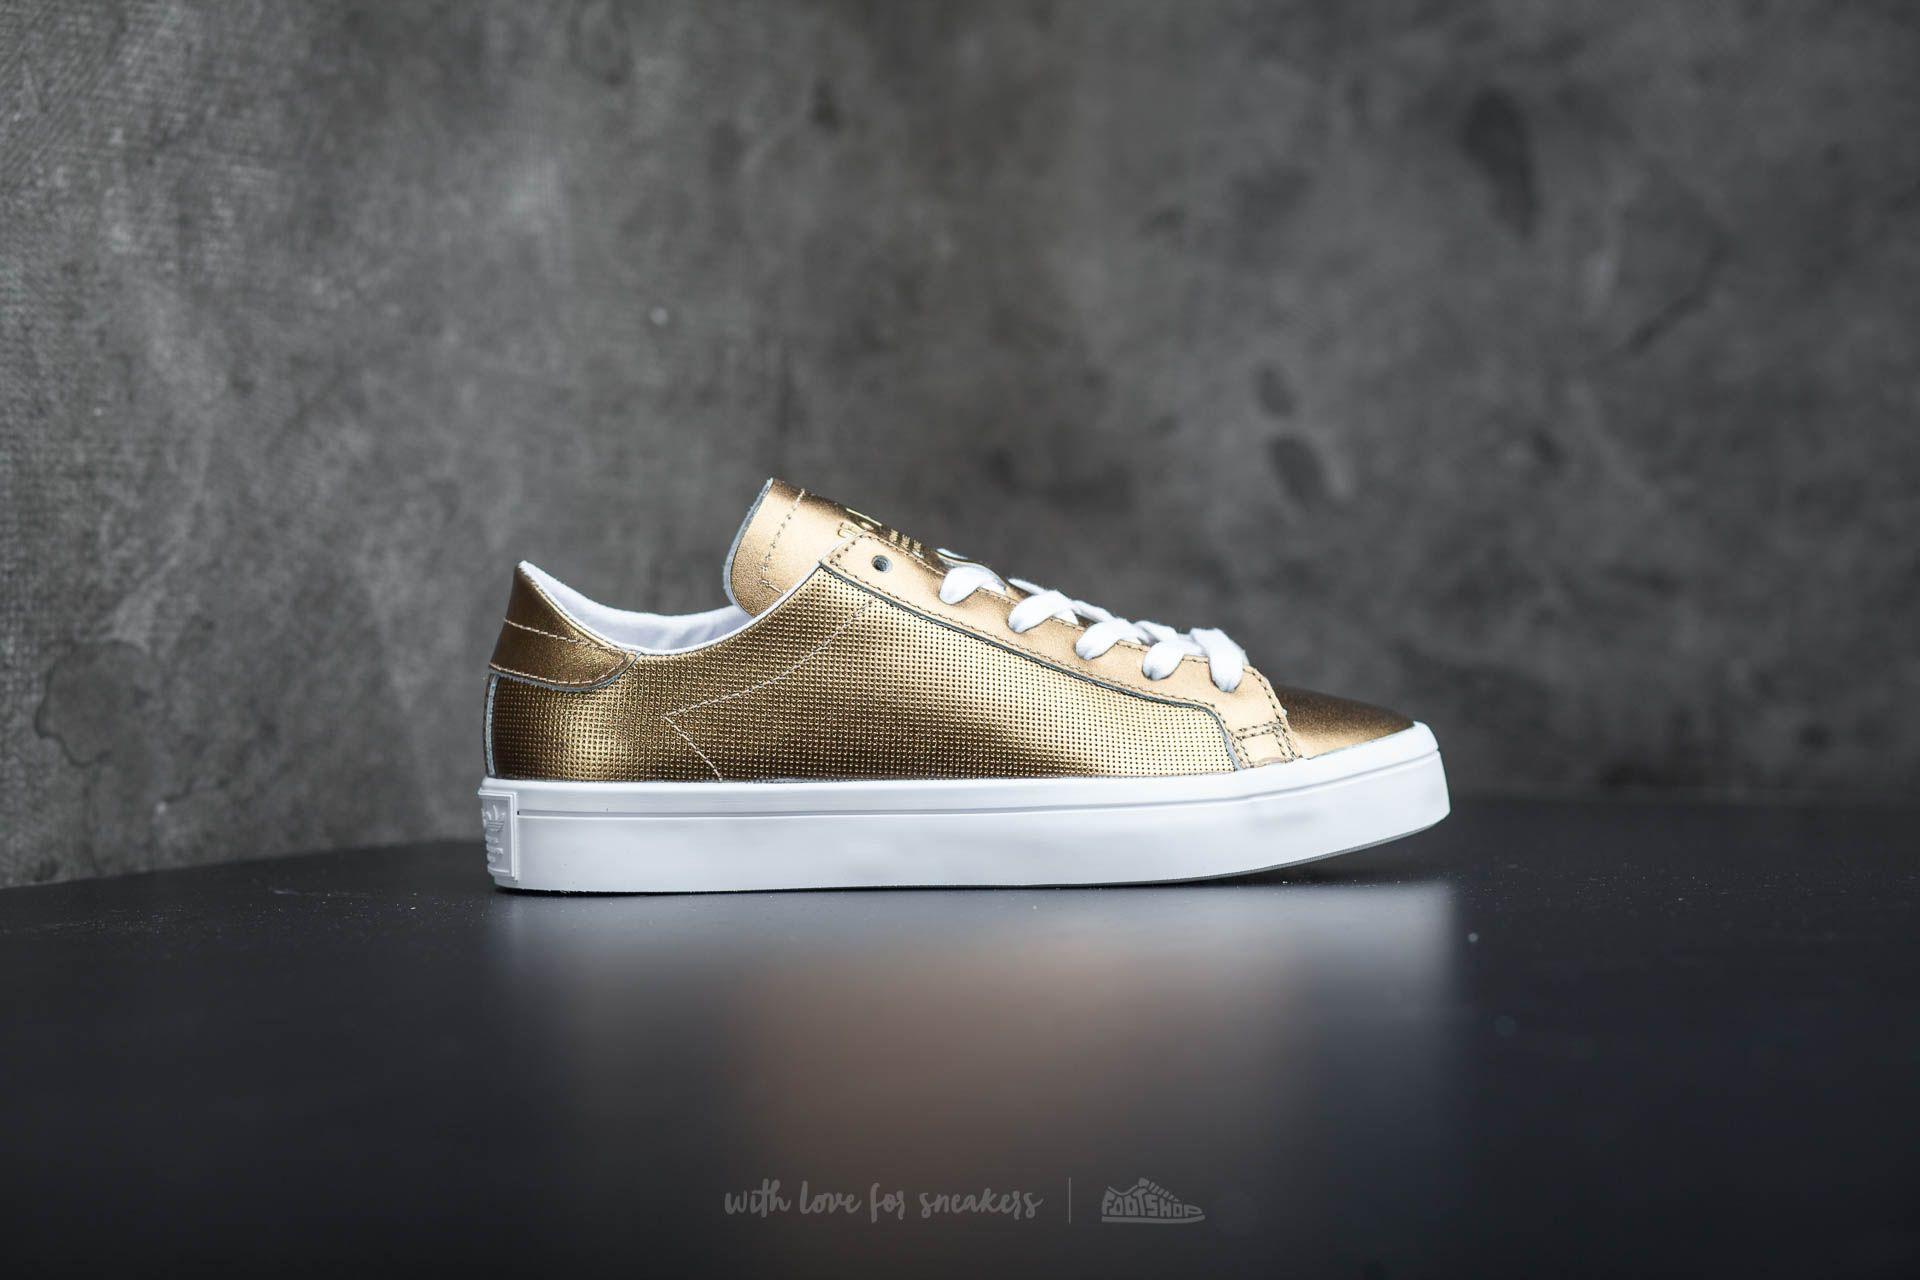 Court Vantage WhiteFootshop Ftw Metallic Adidas Copper W 354jcRqAL